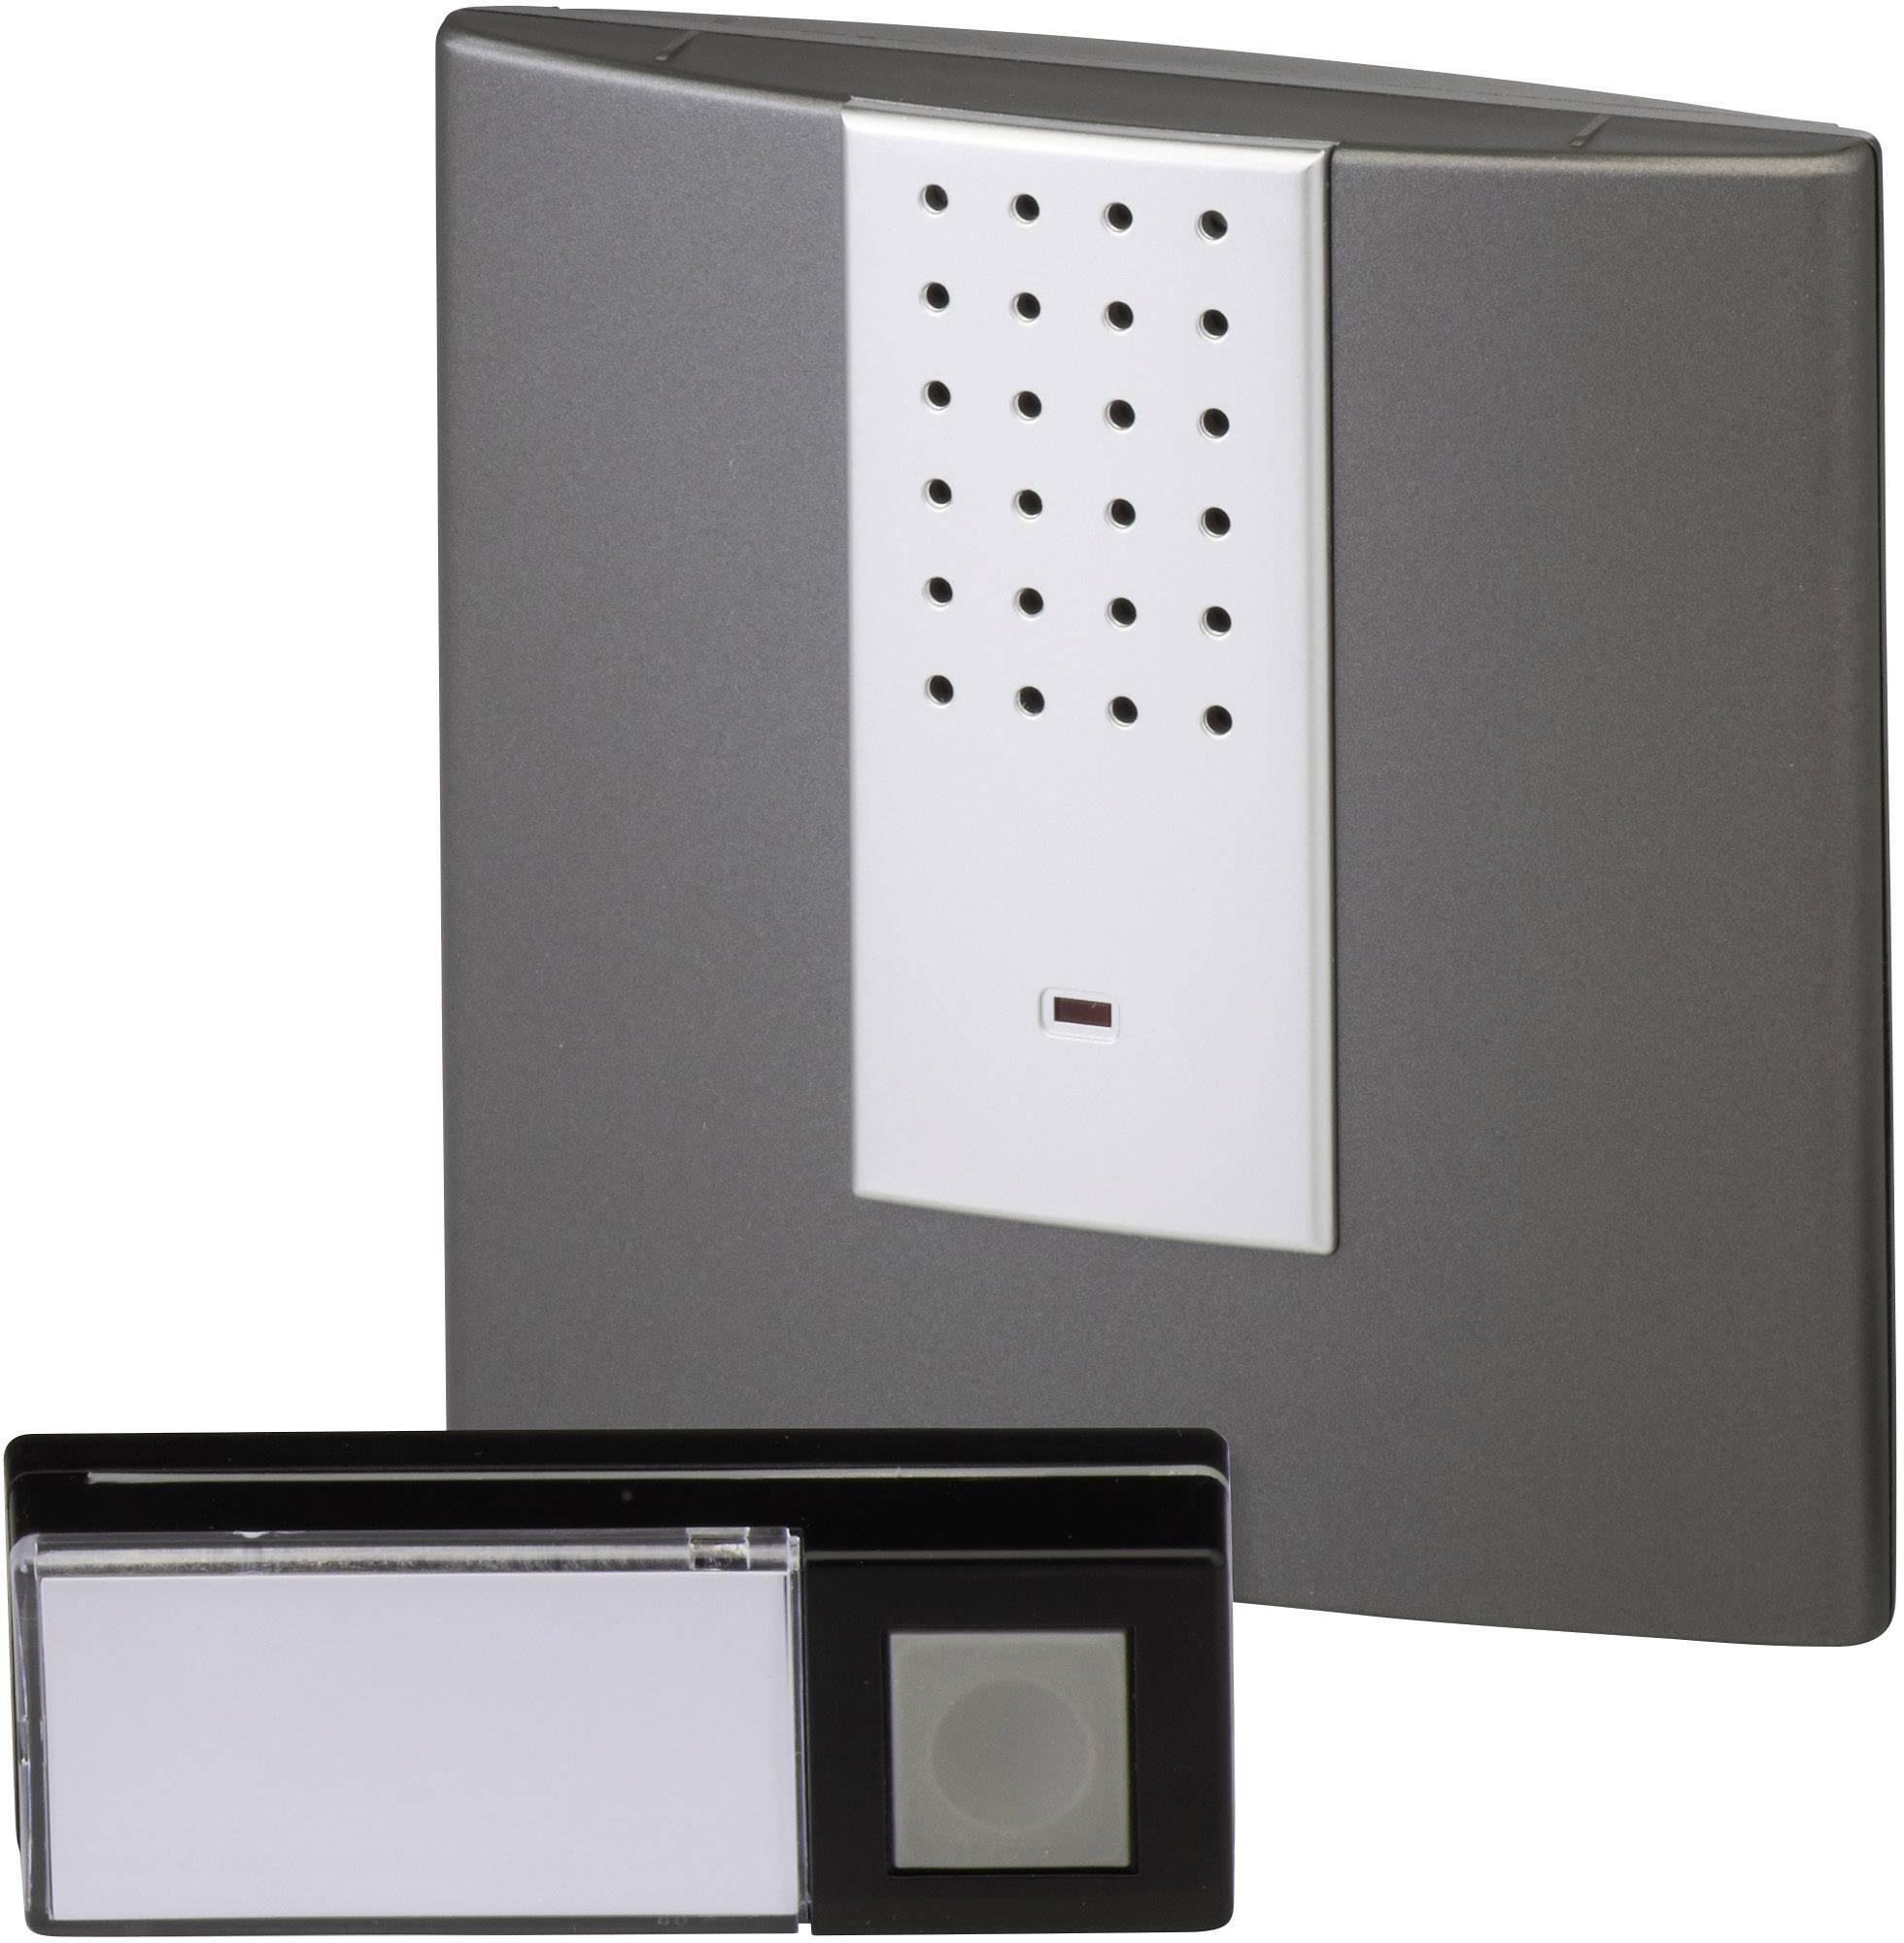 Bezdrôtový zvonček Heidemann HX Square 70823, kompletná sada, max. dosah 200 m, antracitová, strieborná